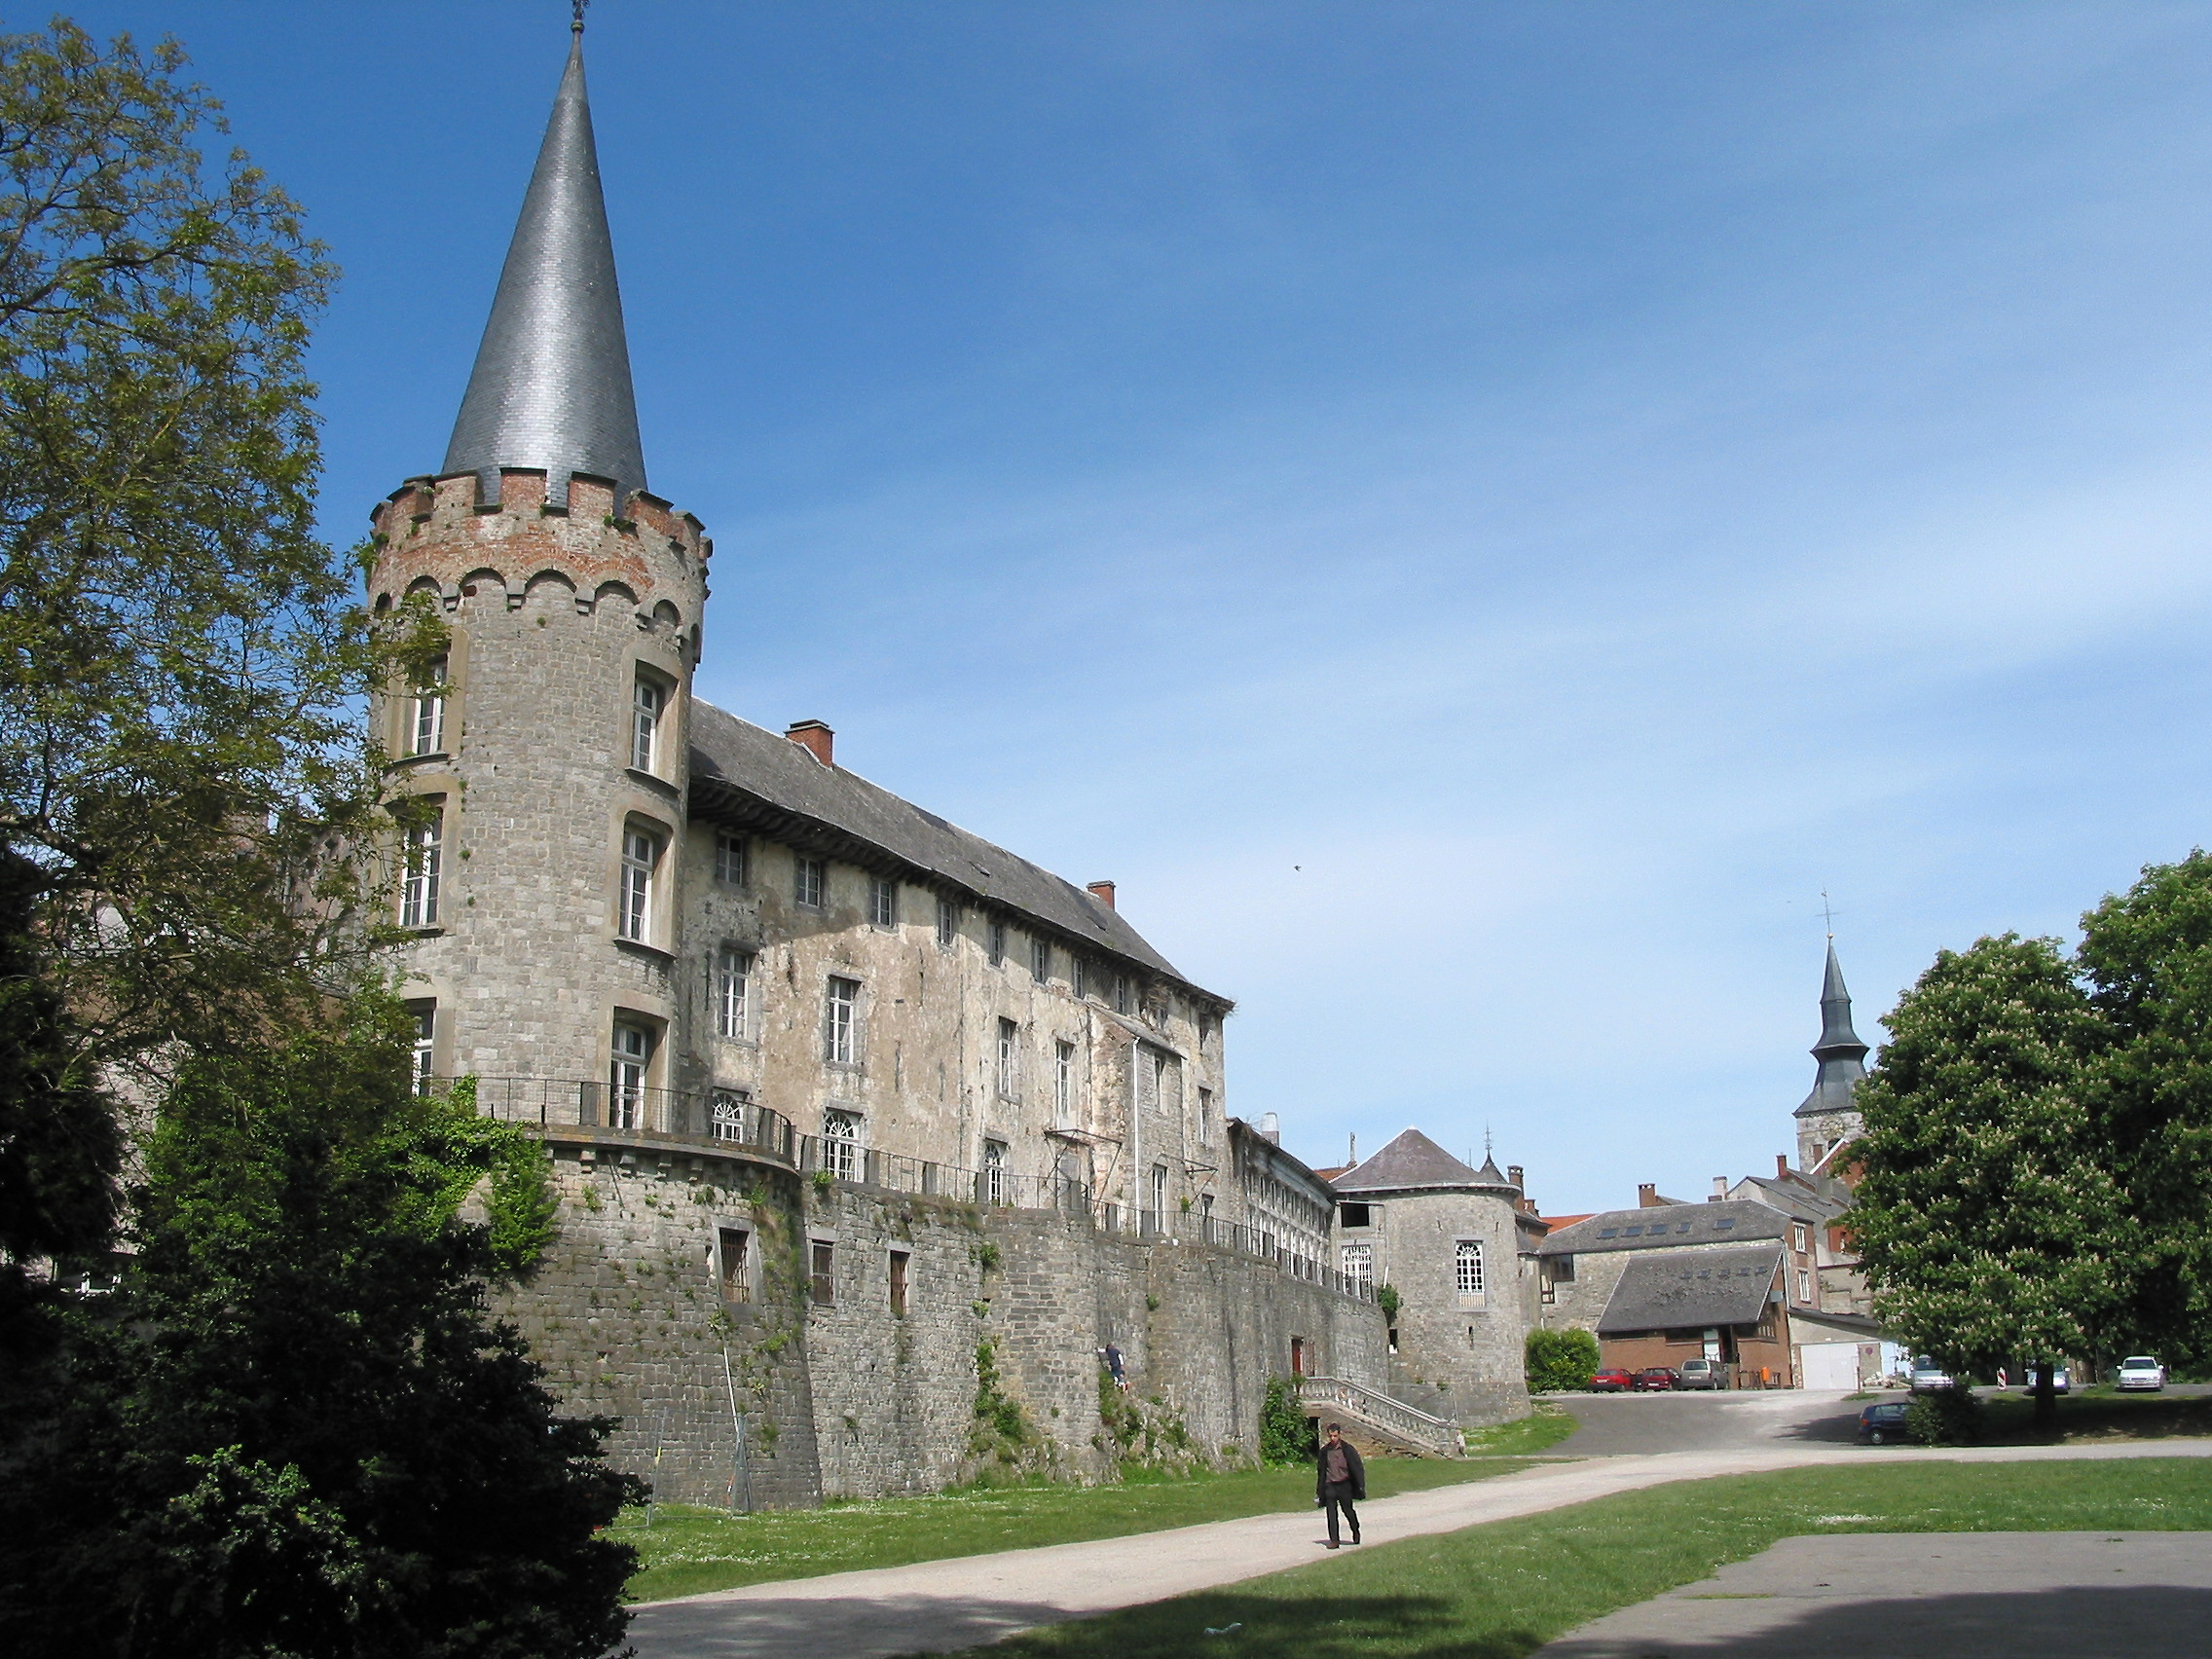 Château de Beaufort / de Florennes